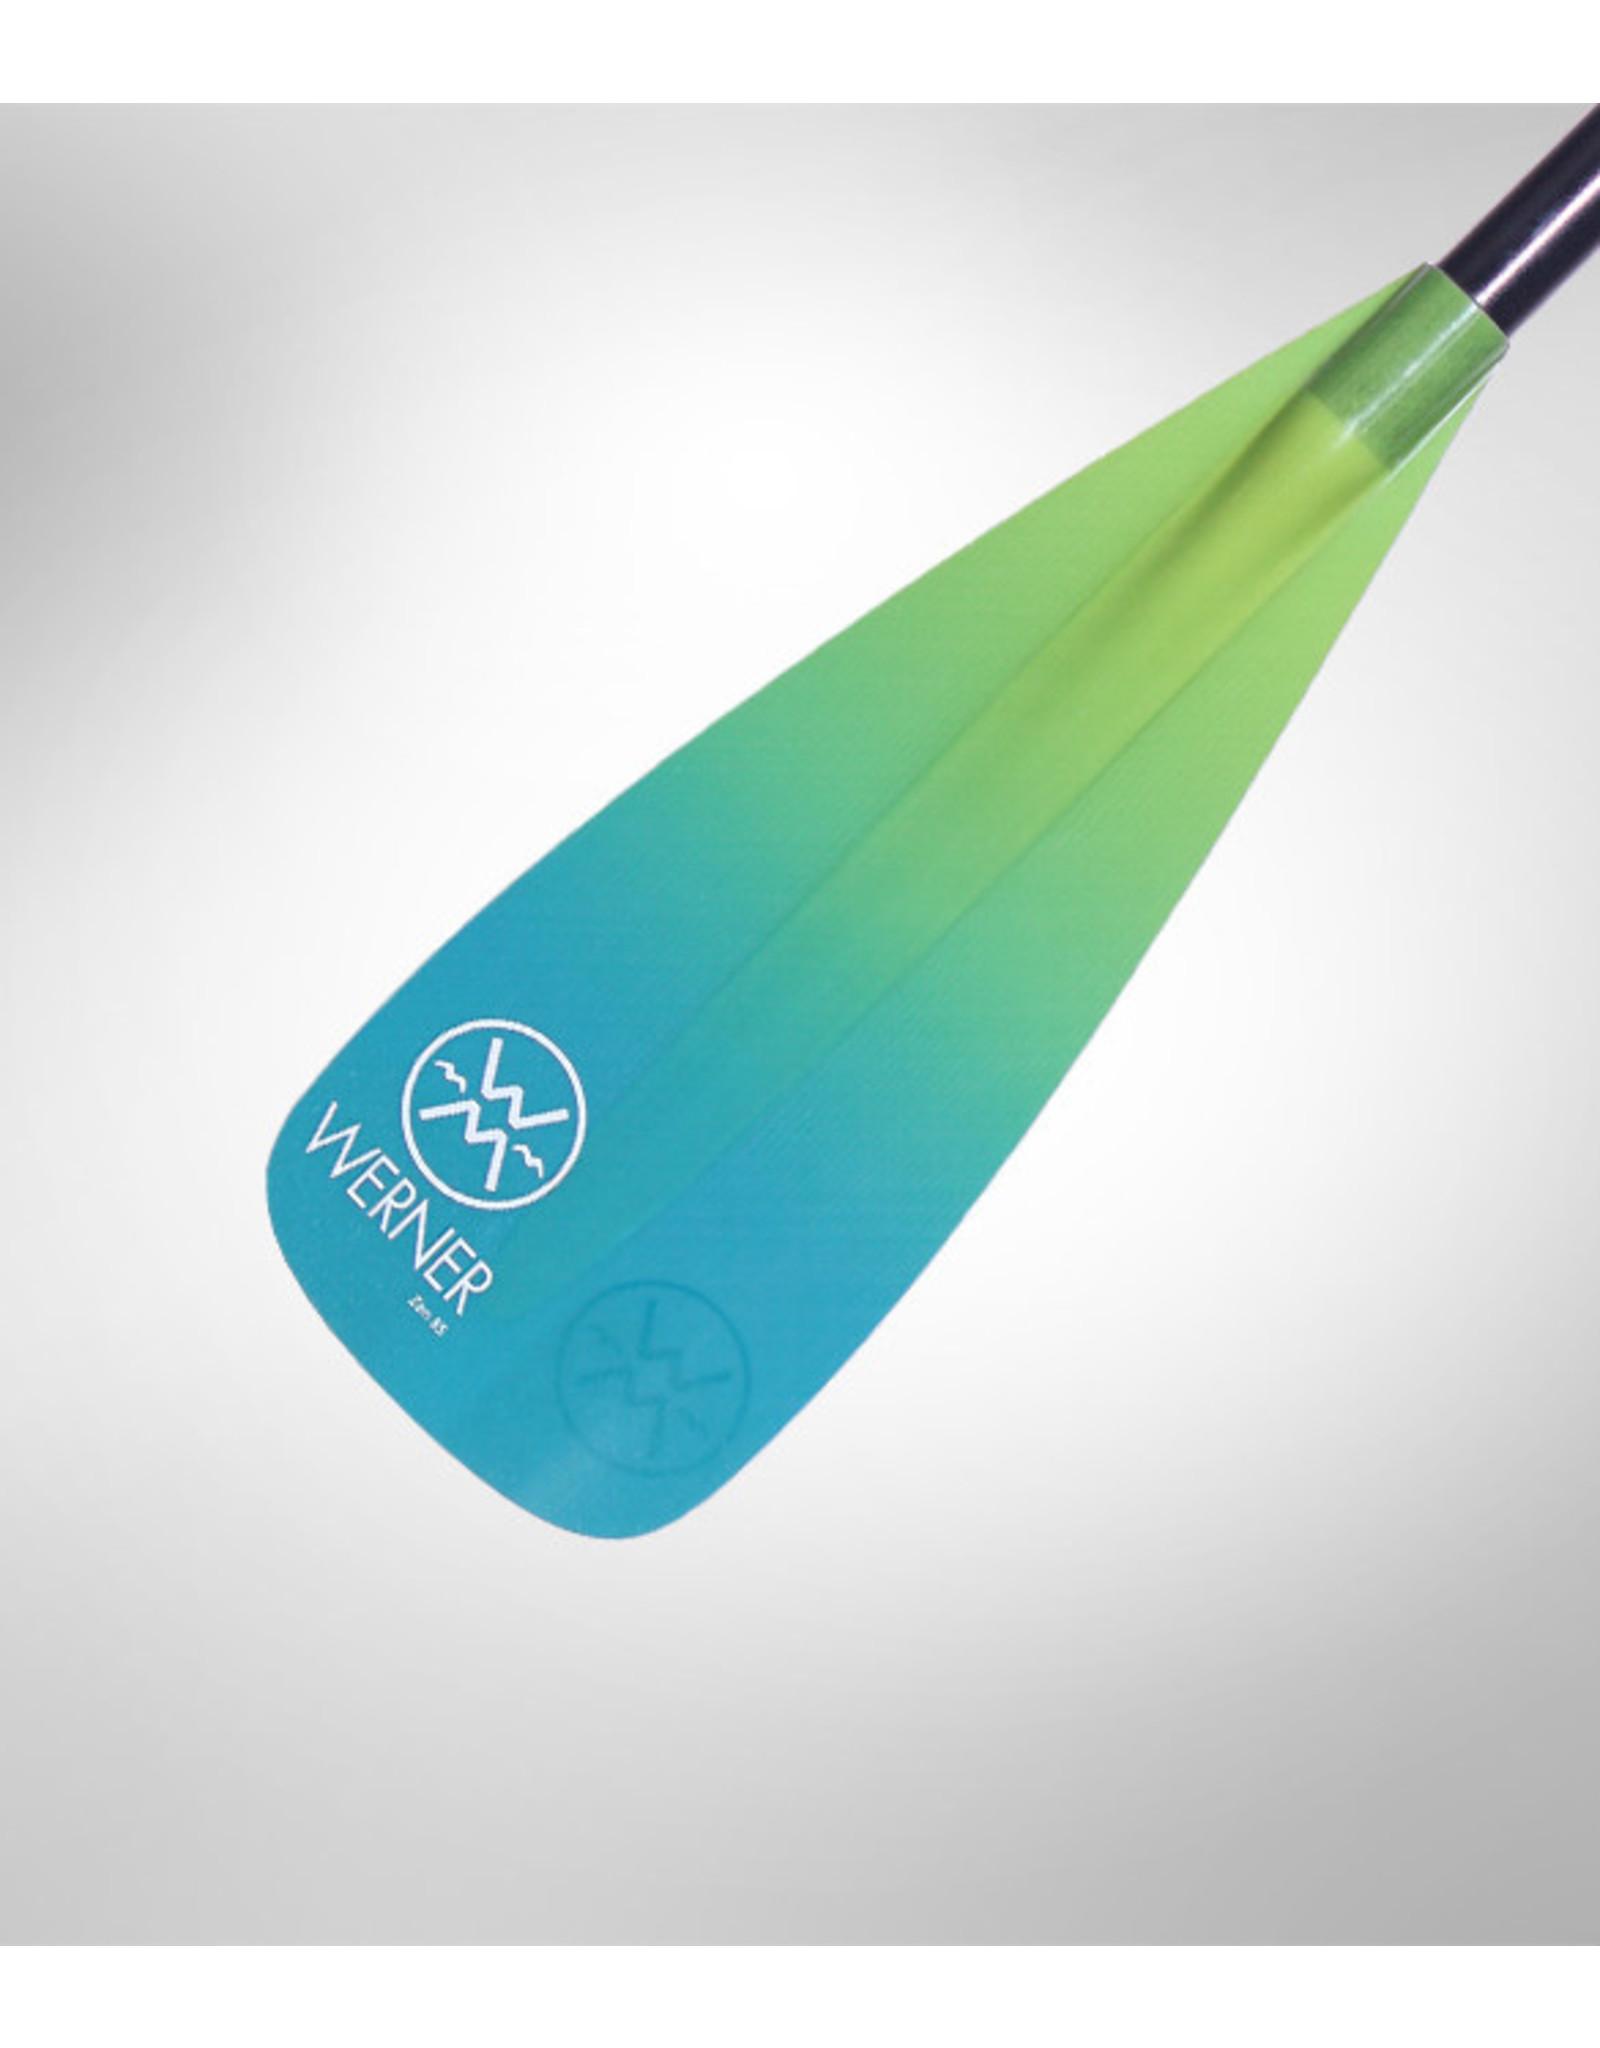 Werner Werner SUP Zen 85 paddle